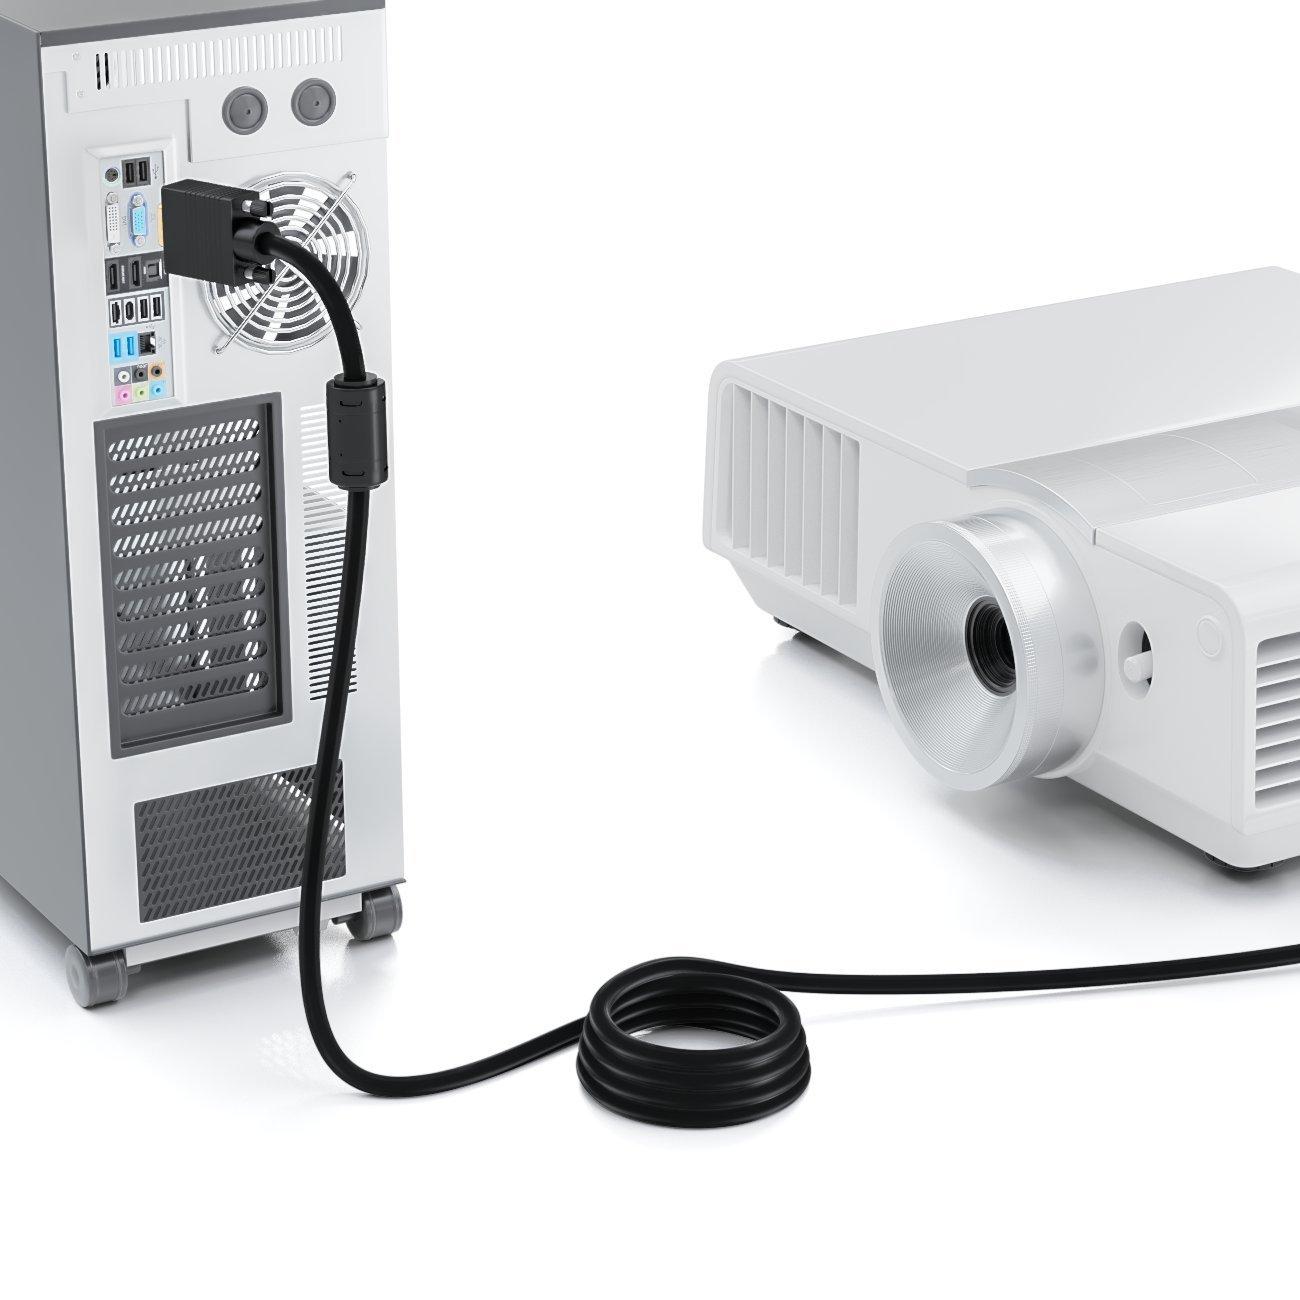 Cable de Monitor S-VGA Conector D-Sub 1080p Full HD Protegido Protector 2 Filtro de Ferrita Contactos Chapados en Oro deleyCON 7,5m Cable VGA 15pin